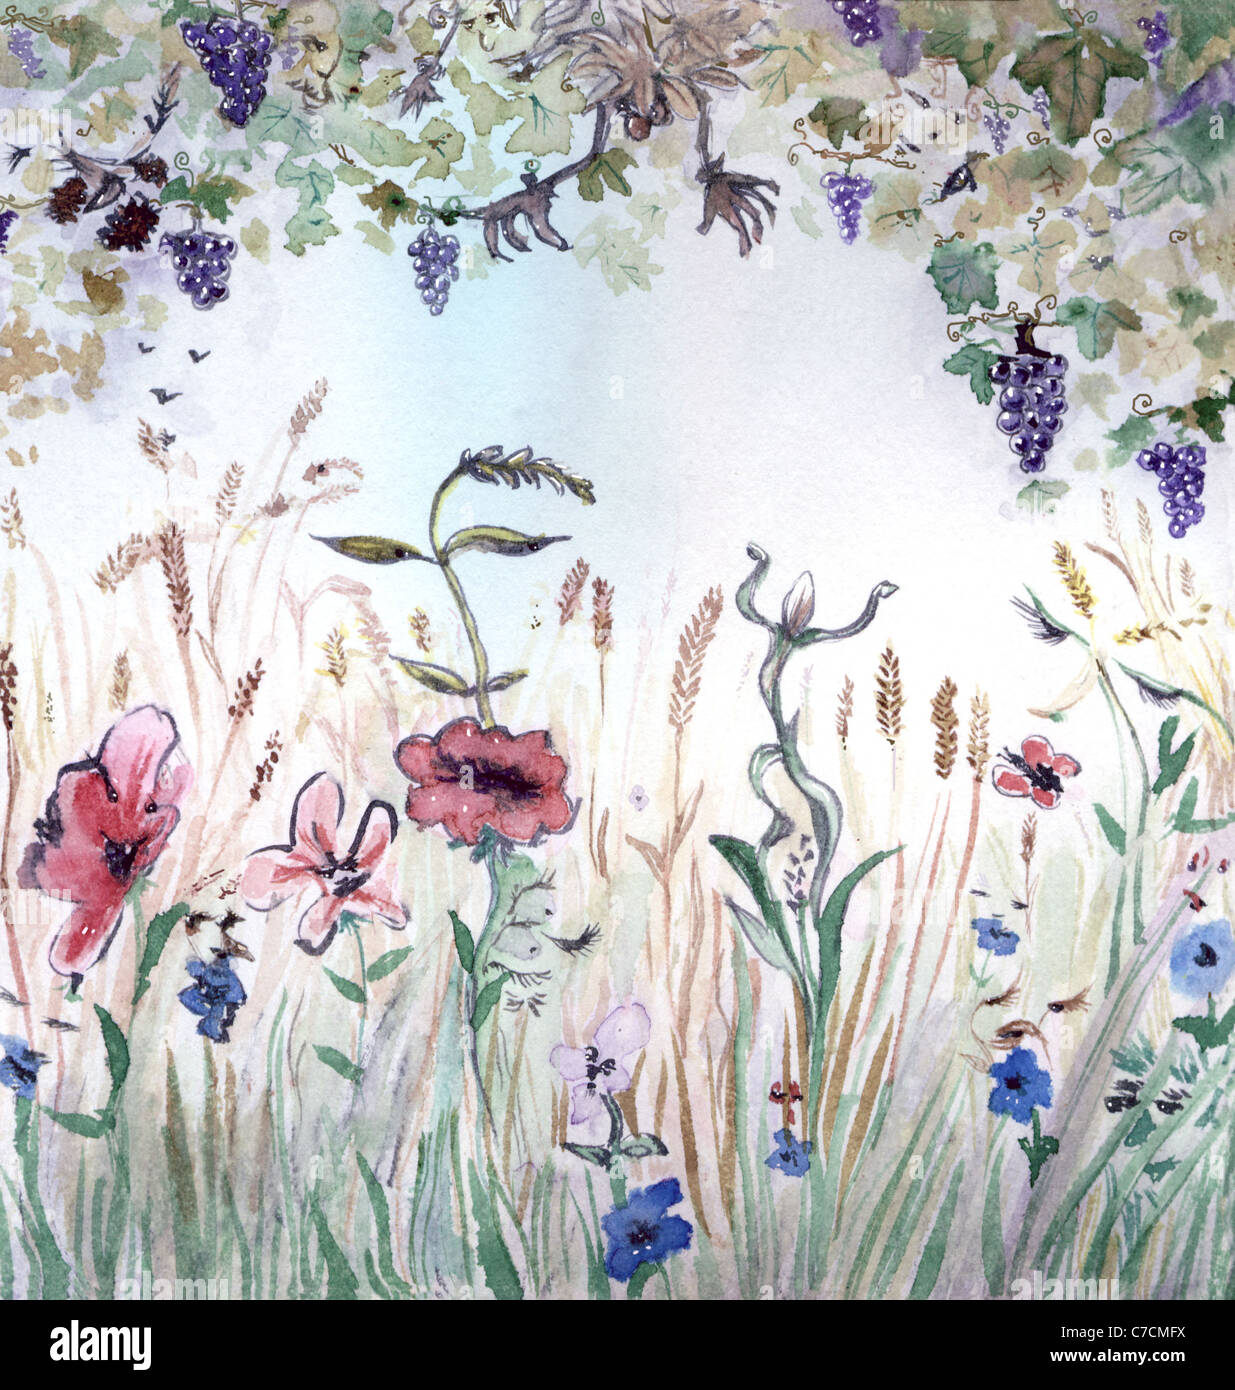 Caduta stagione allegoria, illustrazione ad acquerello Foto Stock